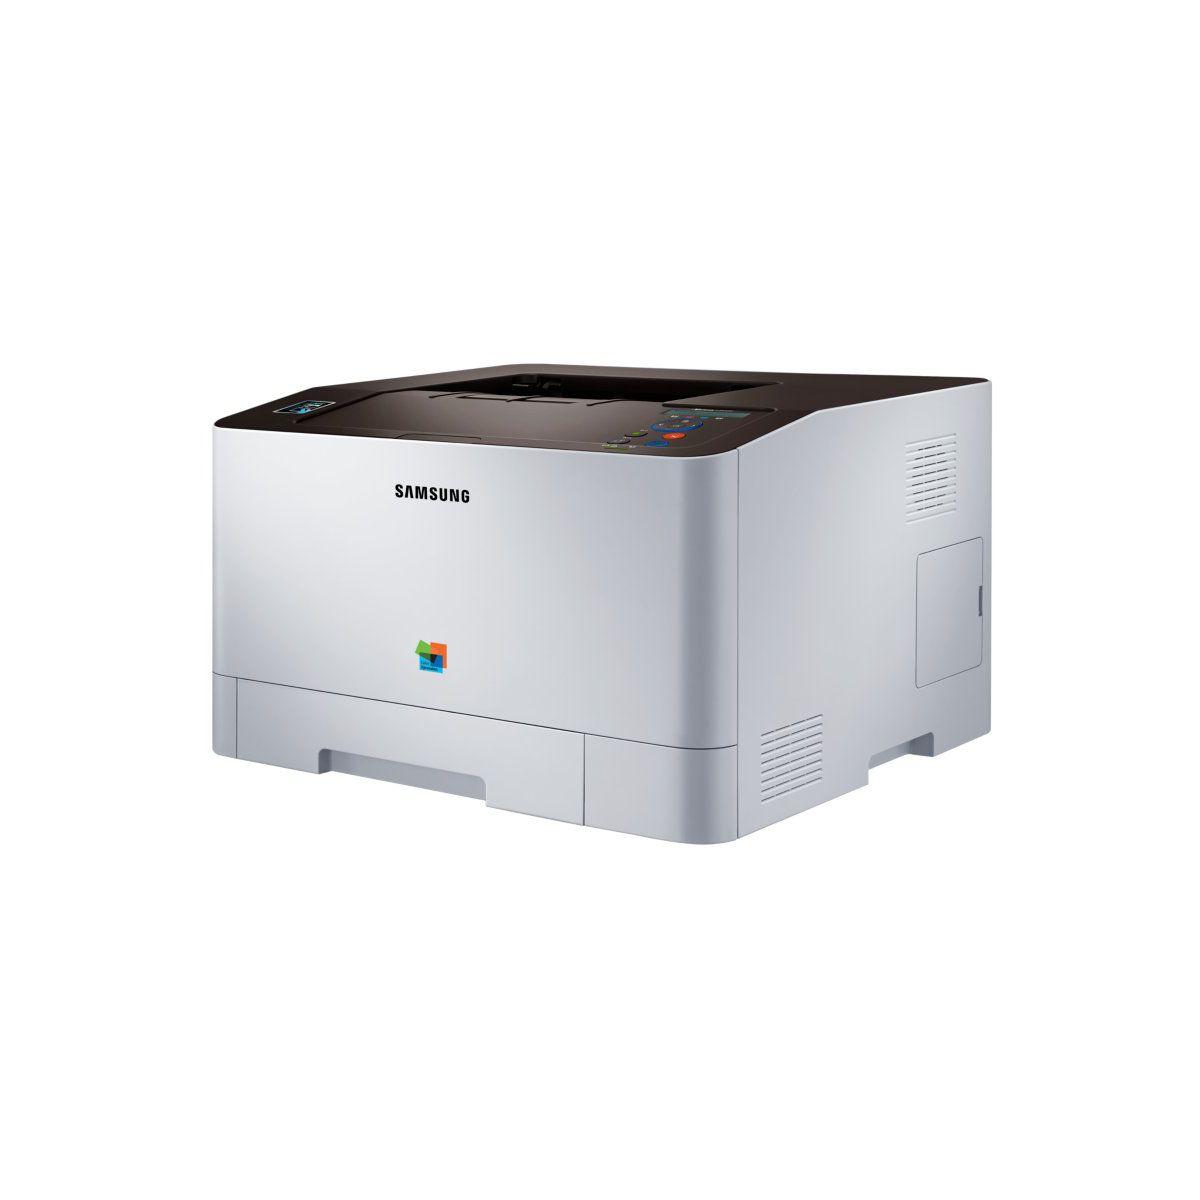 Imprimante monofonction laser couleur samsung sl-c1810w - 15% de remise imm�diate avec le code : wd15 (photo)